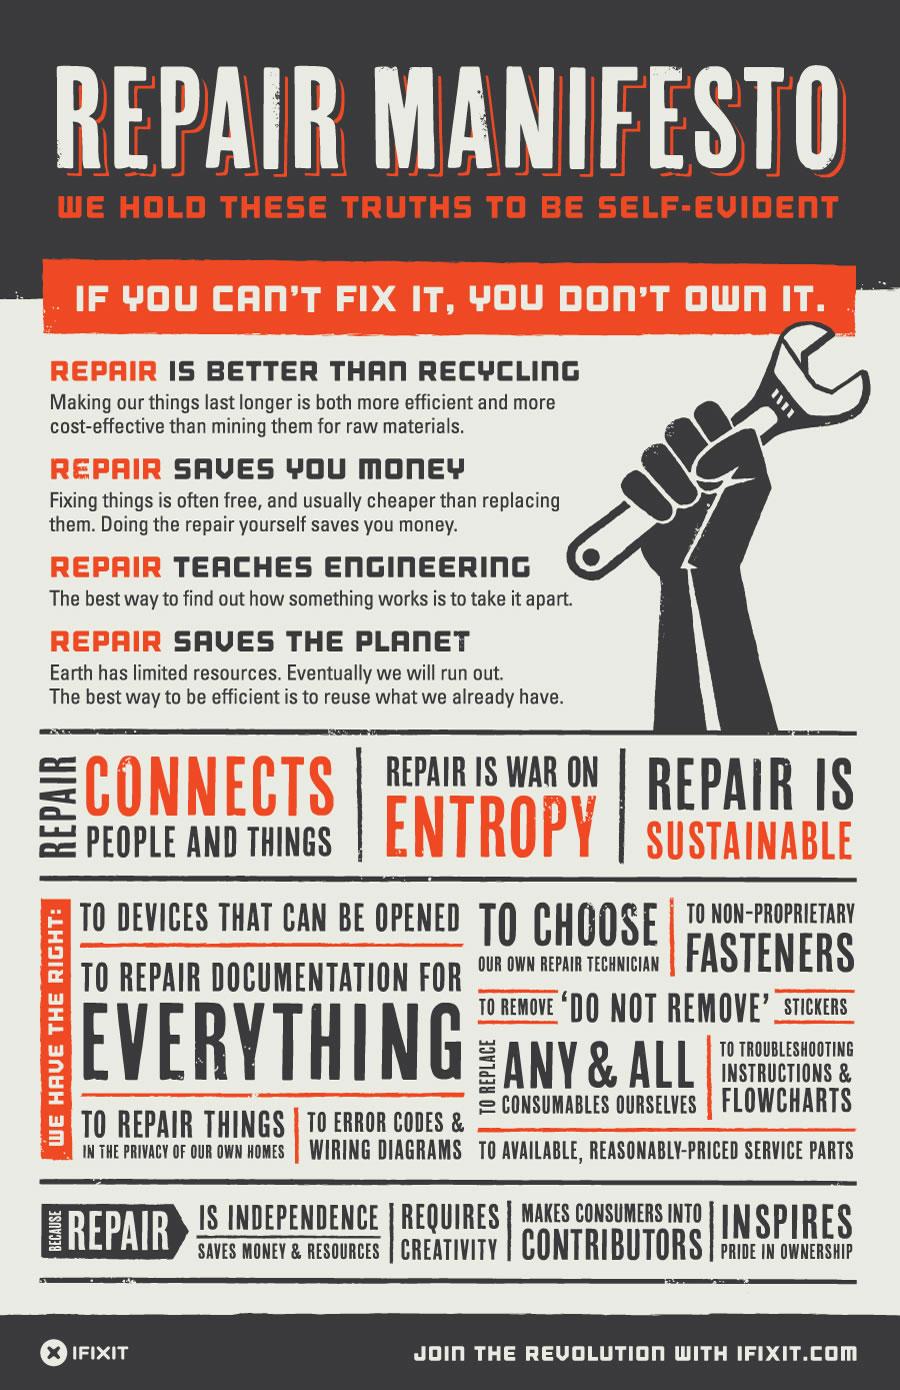 iFixIt.com's Repair Manifesto poster.